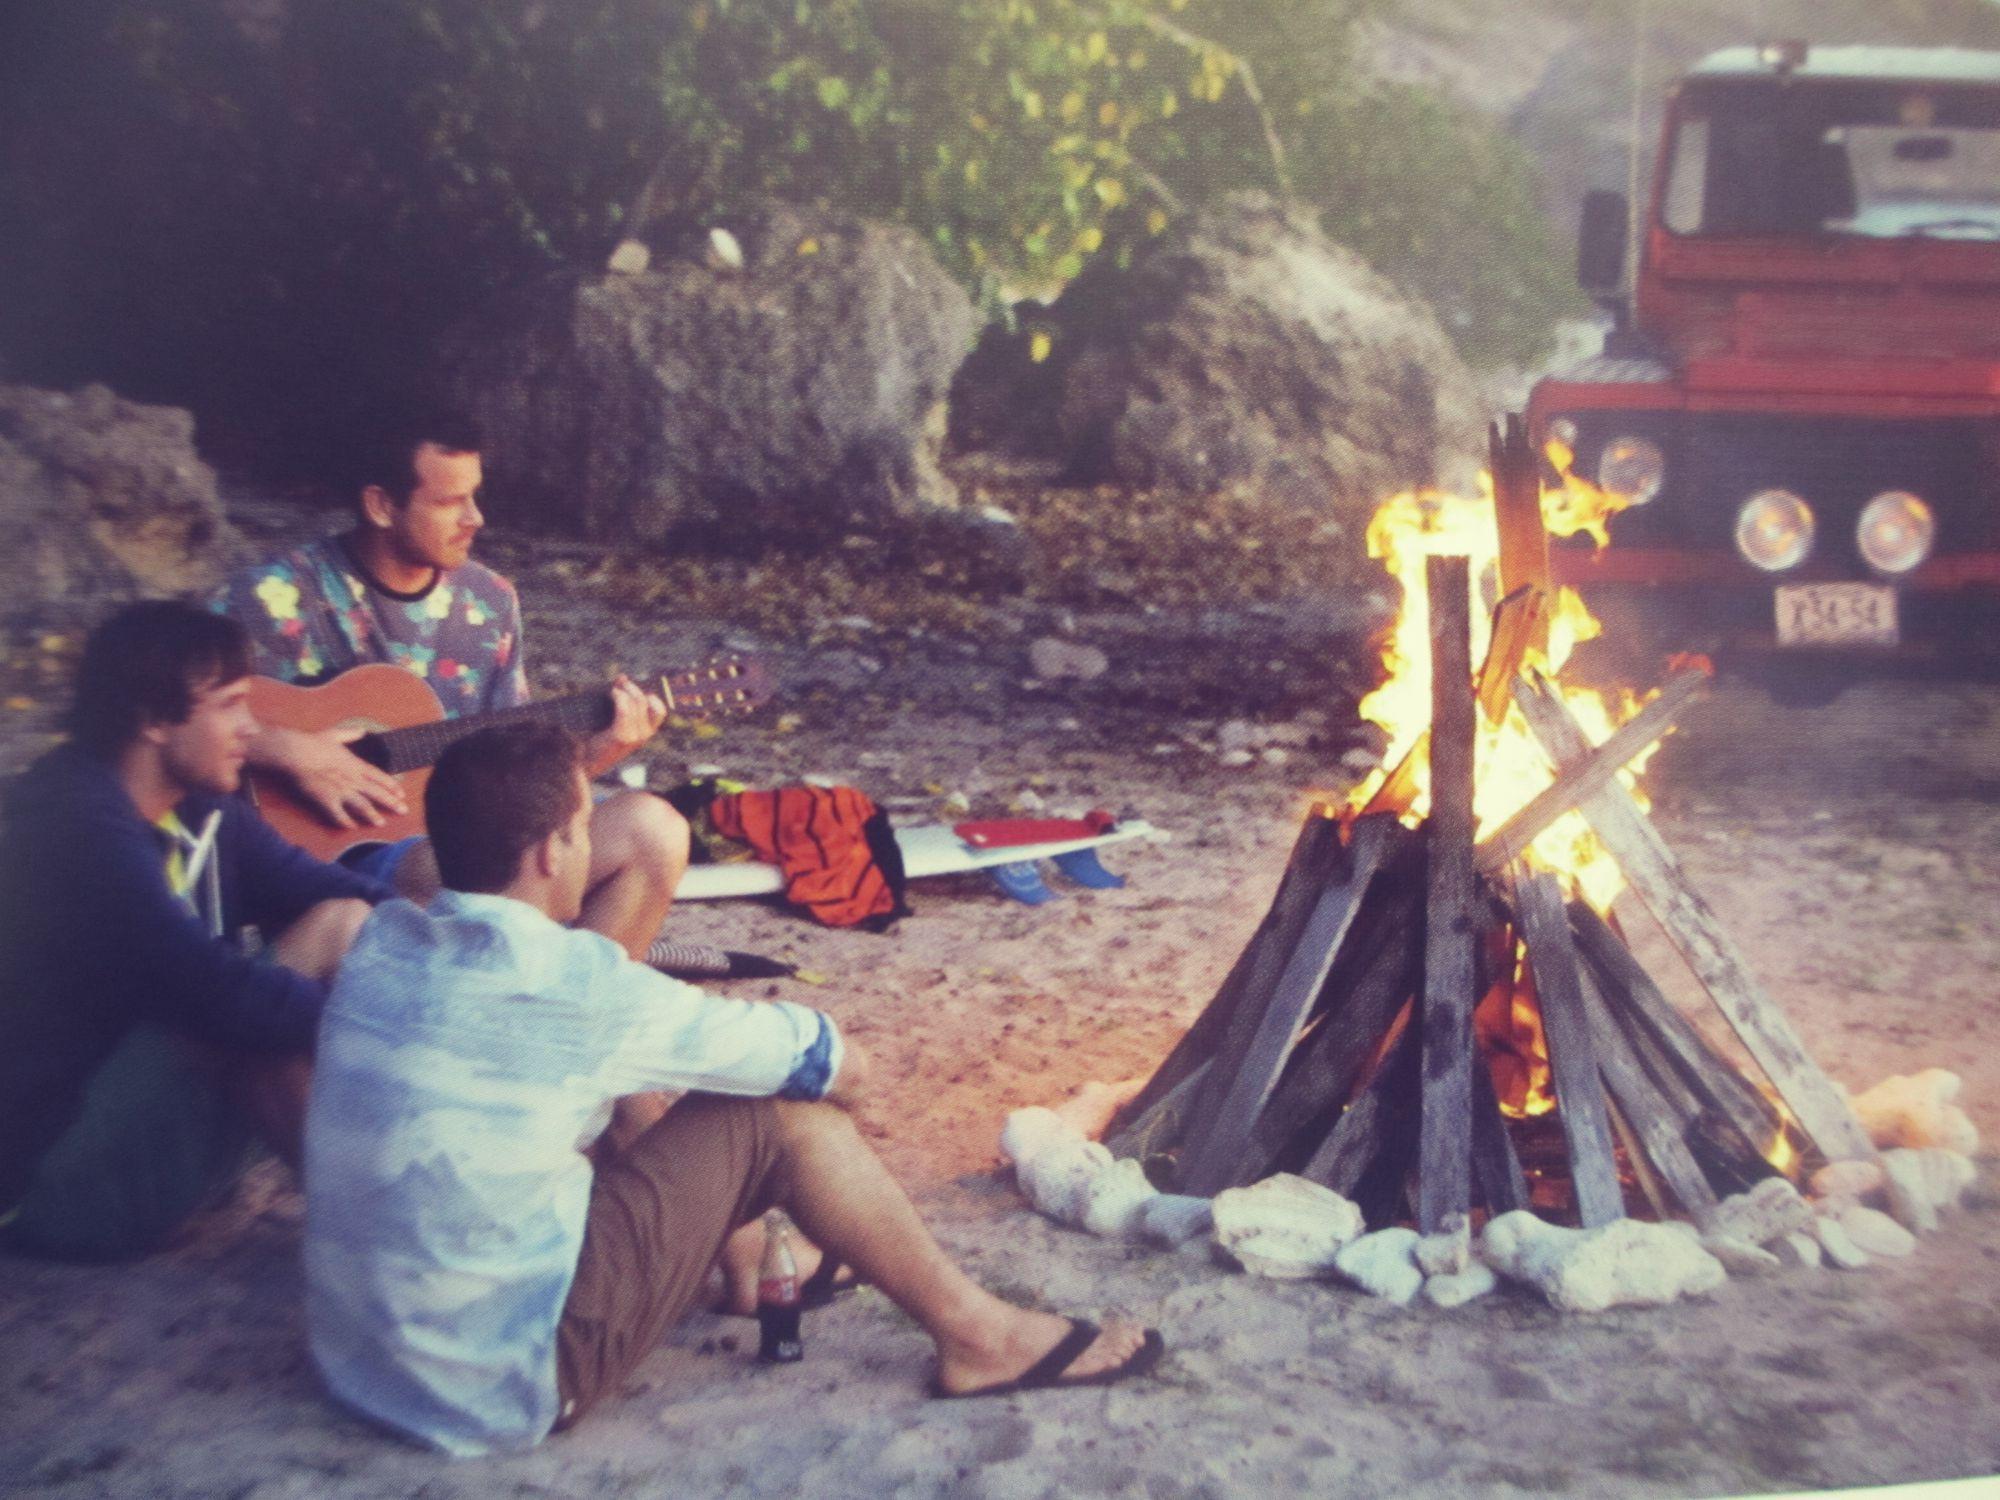 #bonfire